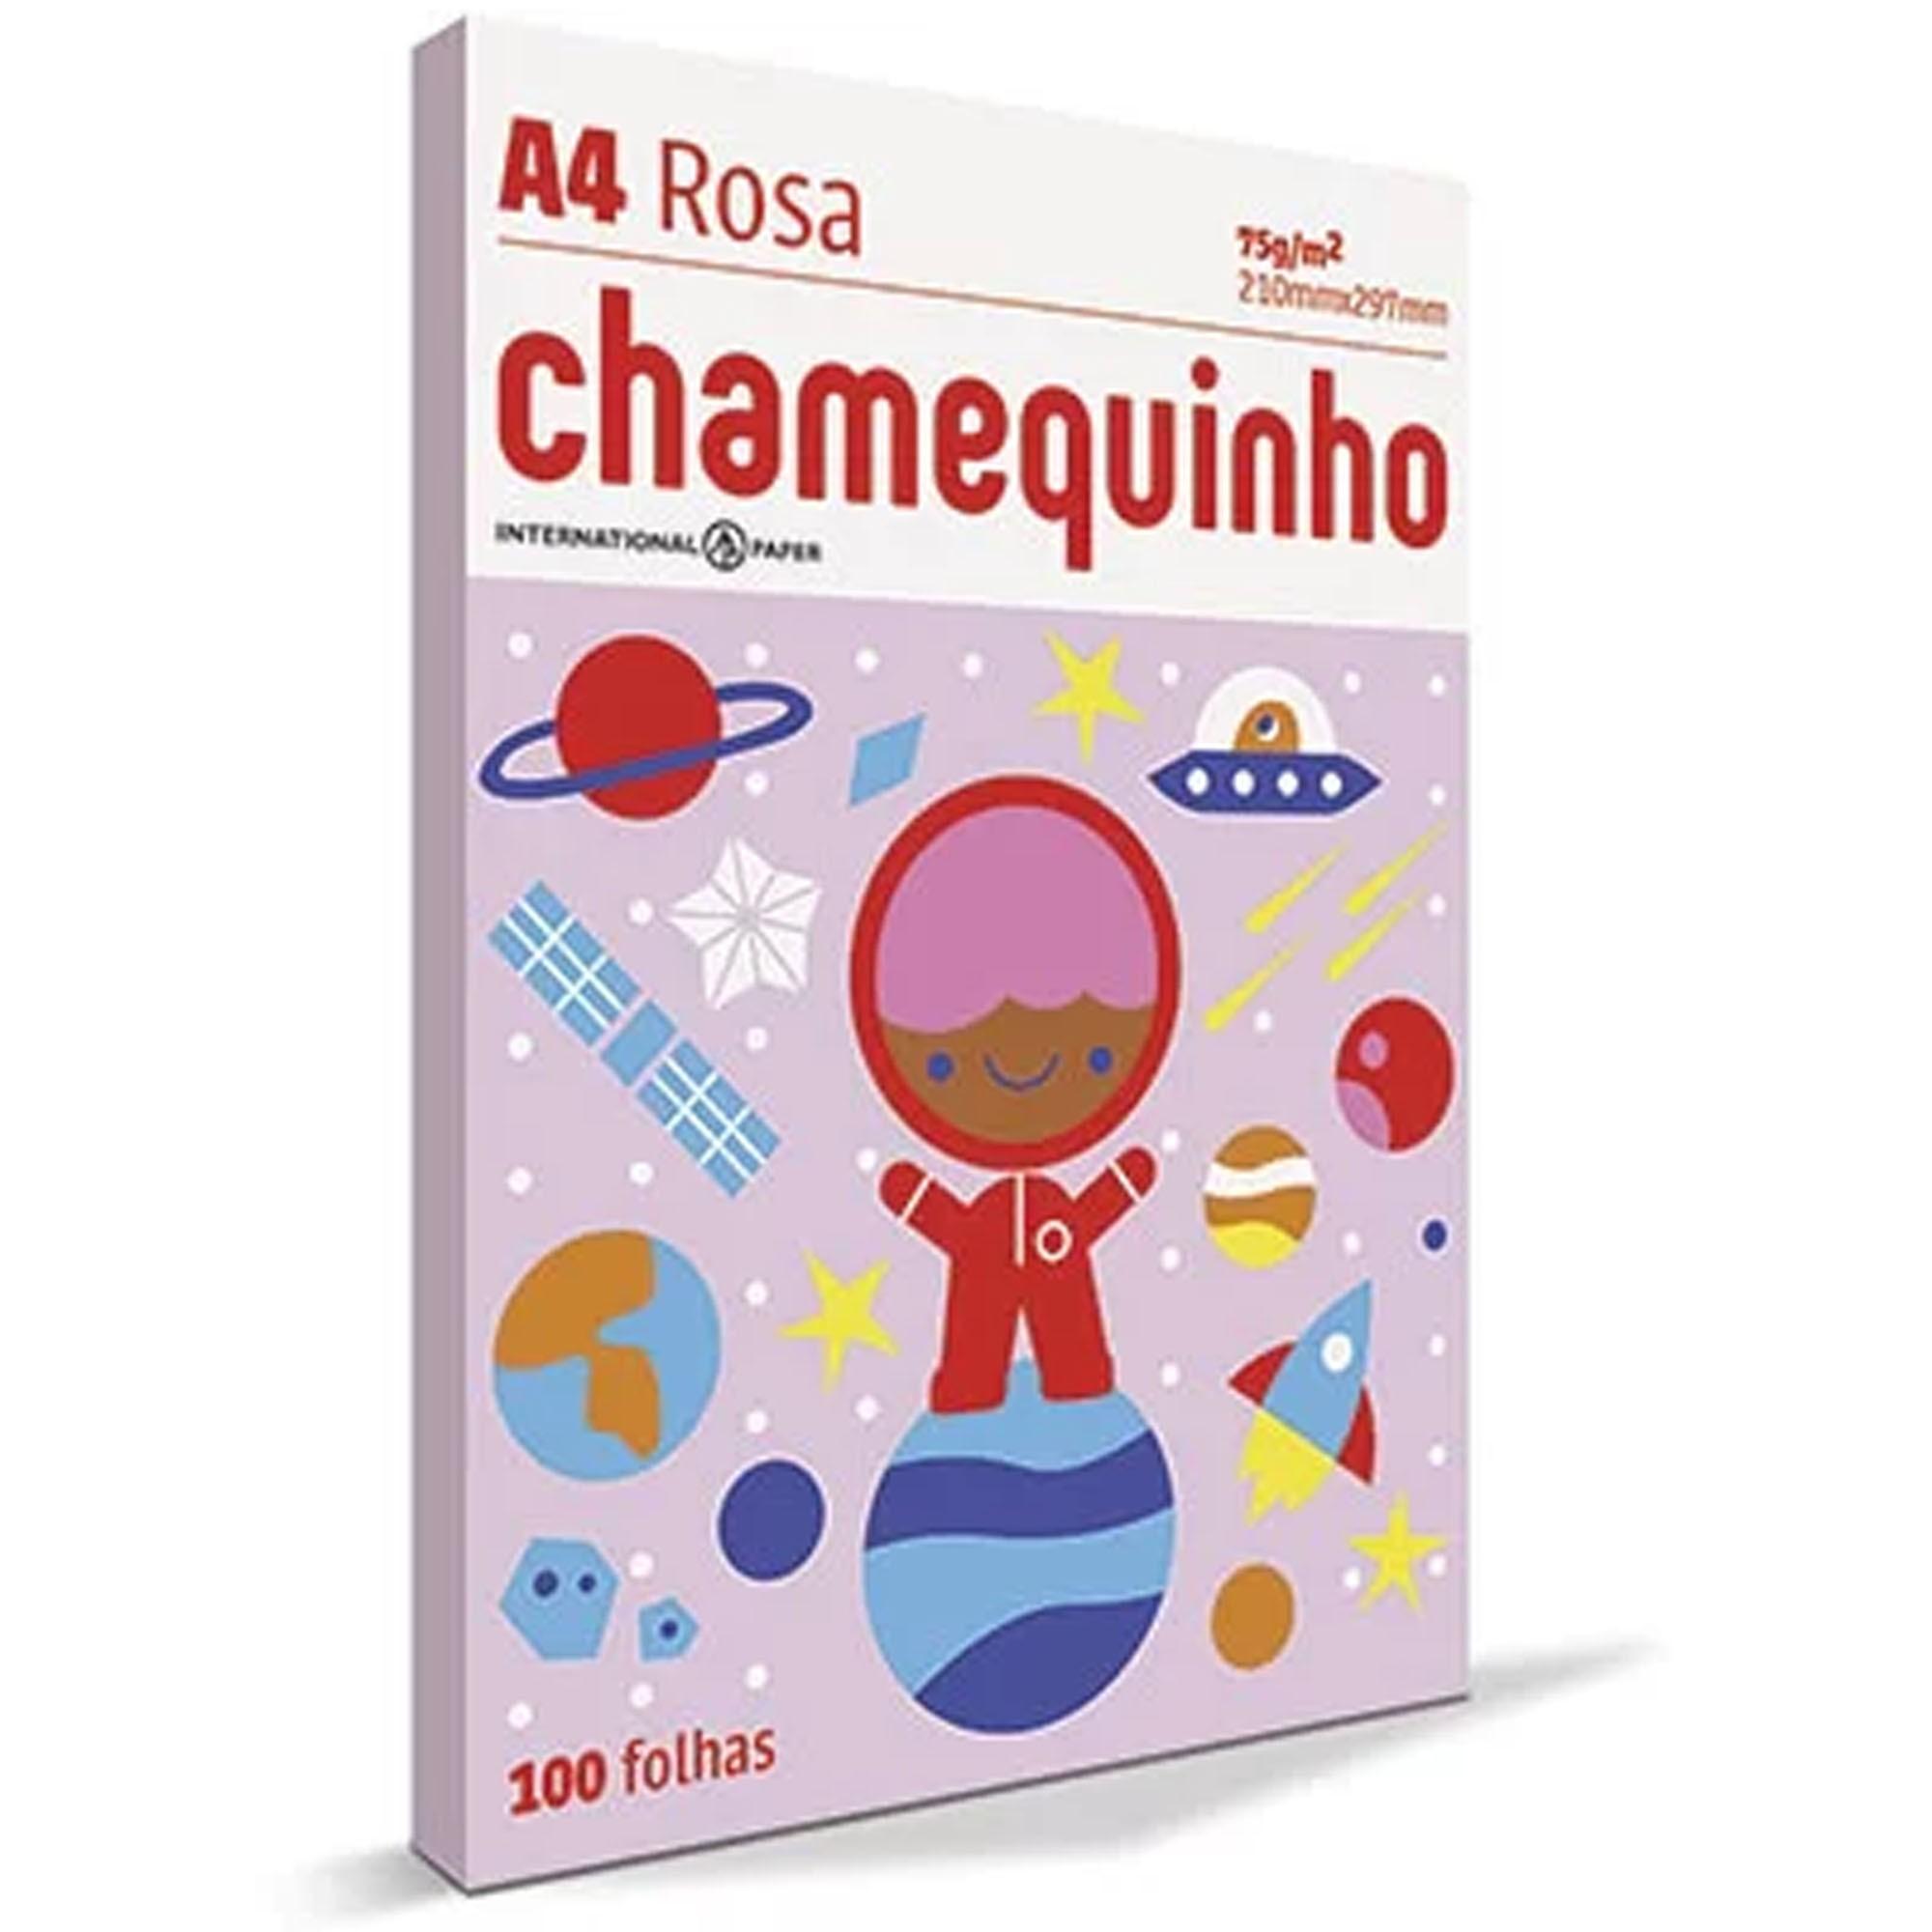 PAPEL SULFITE A4 75G 100 FOLHAS - CHAMEQUINHO ROSA